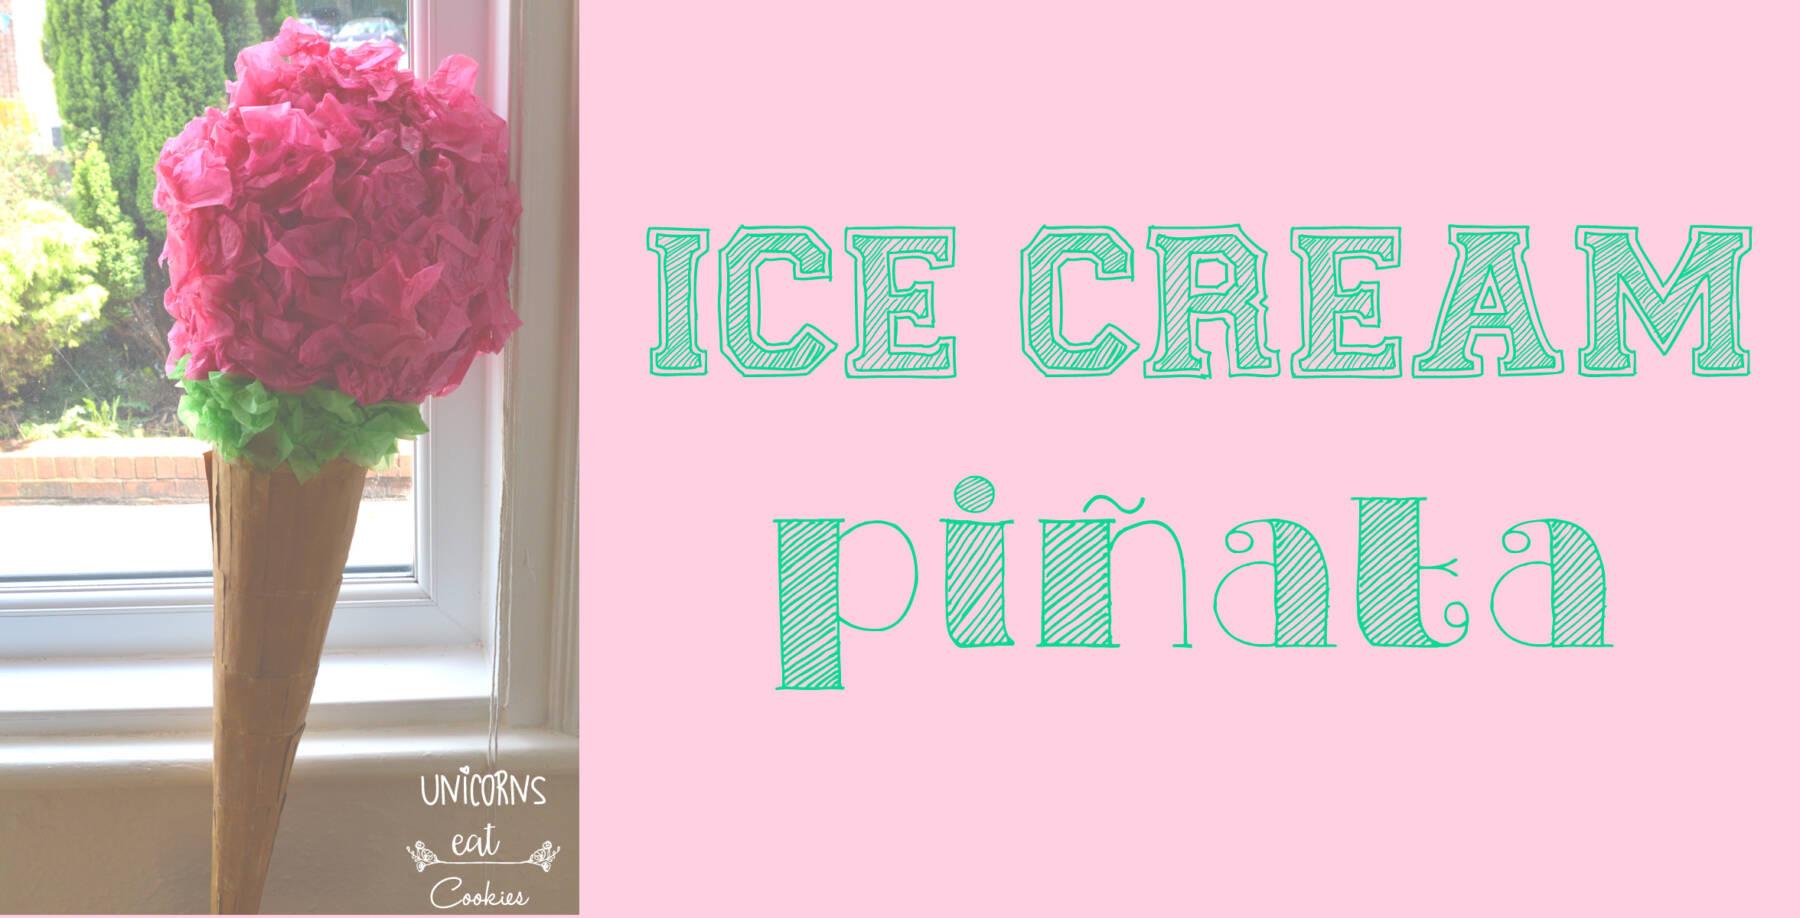 gelato, ice cream, pignatta, pinata, idea per feste, party idea, diy, fai da te, progetti, a mano, carta pesta, caramelle, candies, sweets, fun, giochi, games